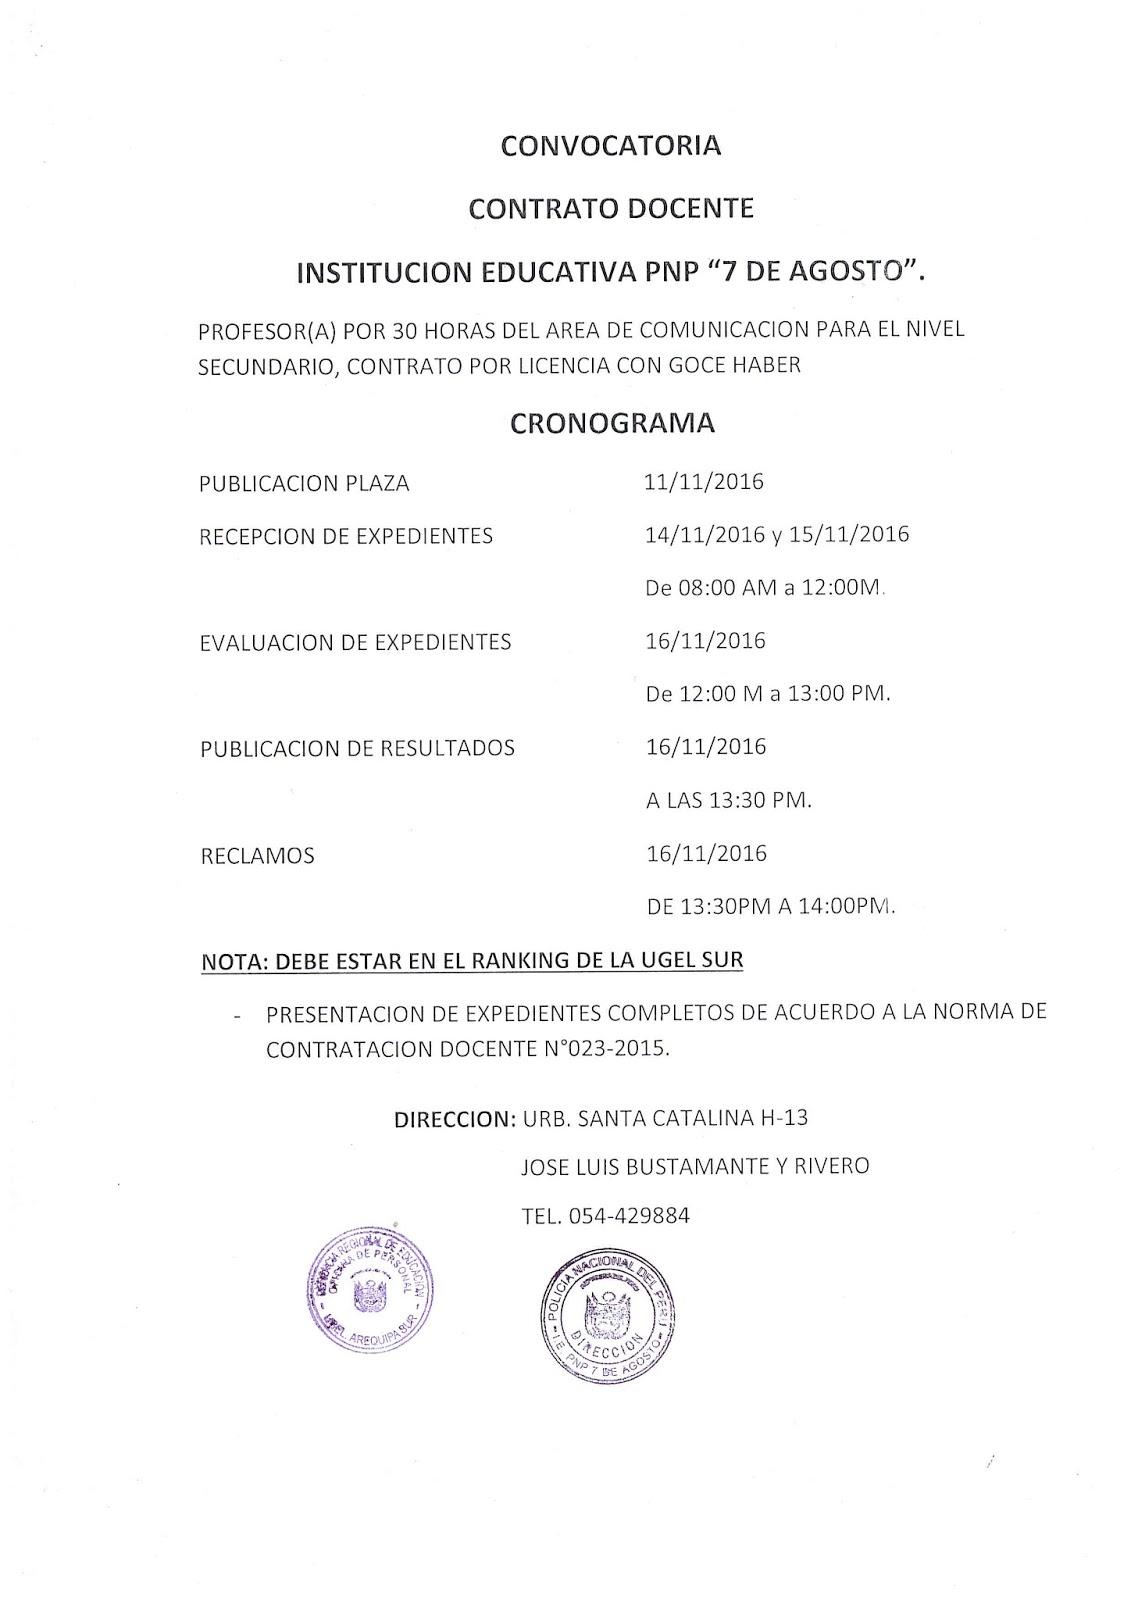 Contrato docente 2016 por licencia i e pnp 7 de agosto for Convocatoria docente 2016